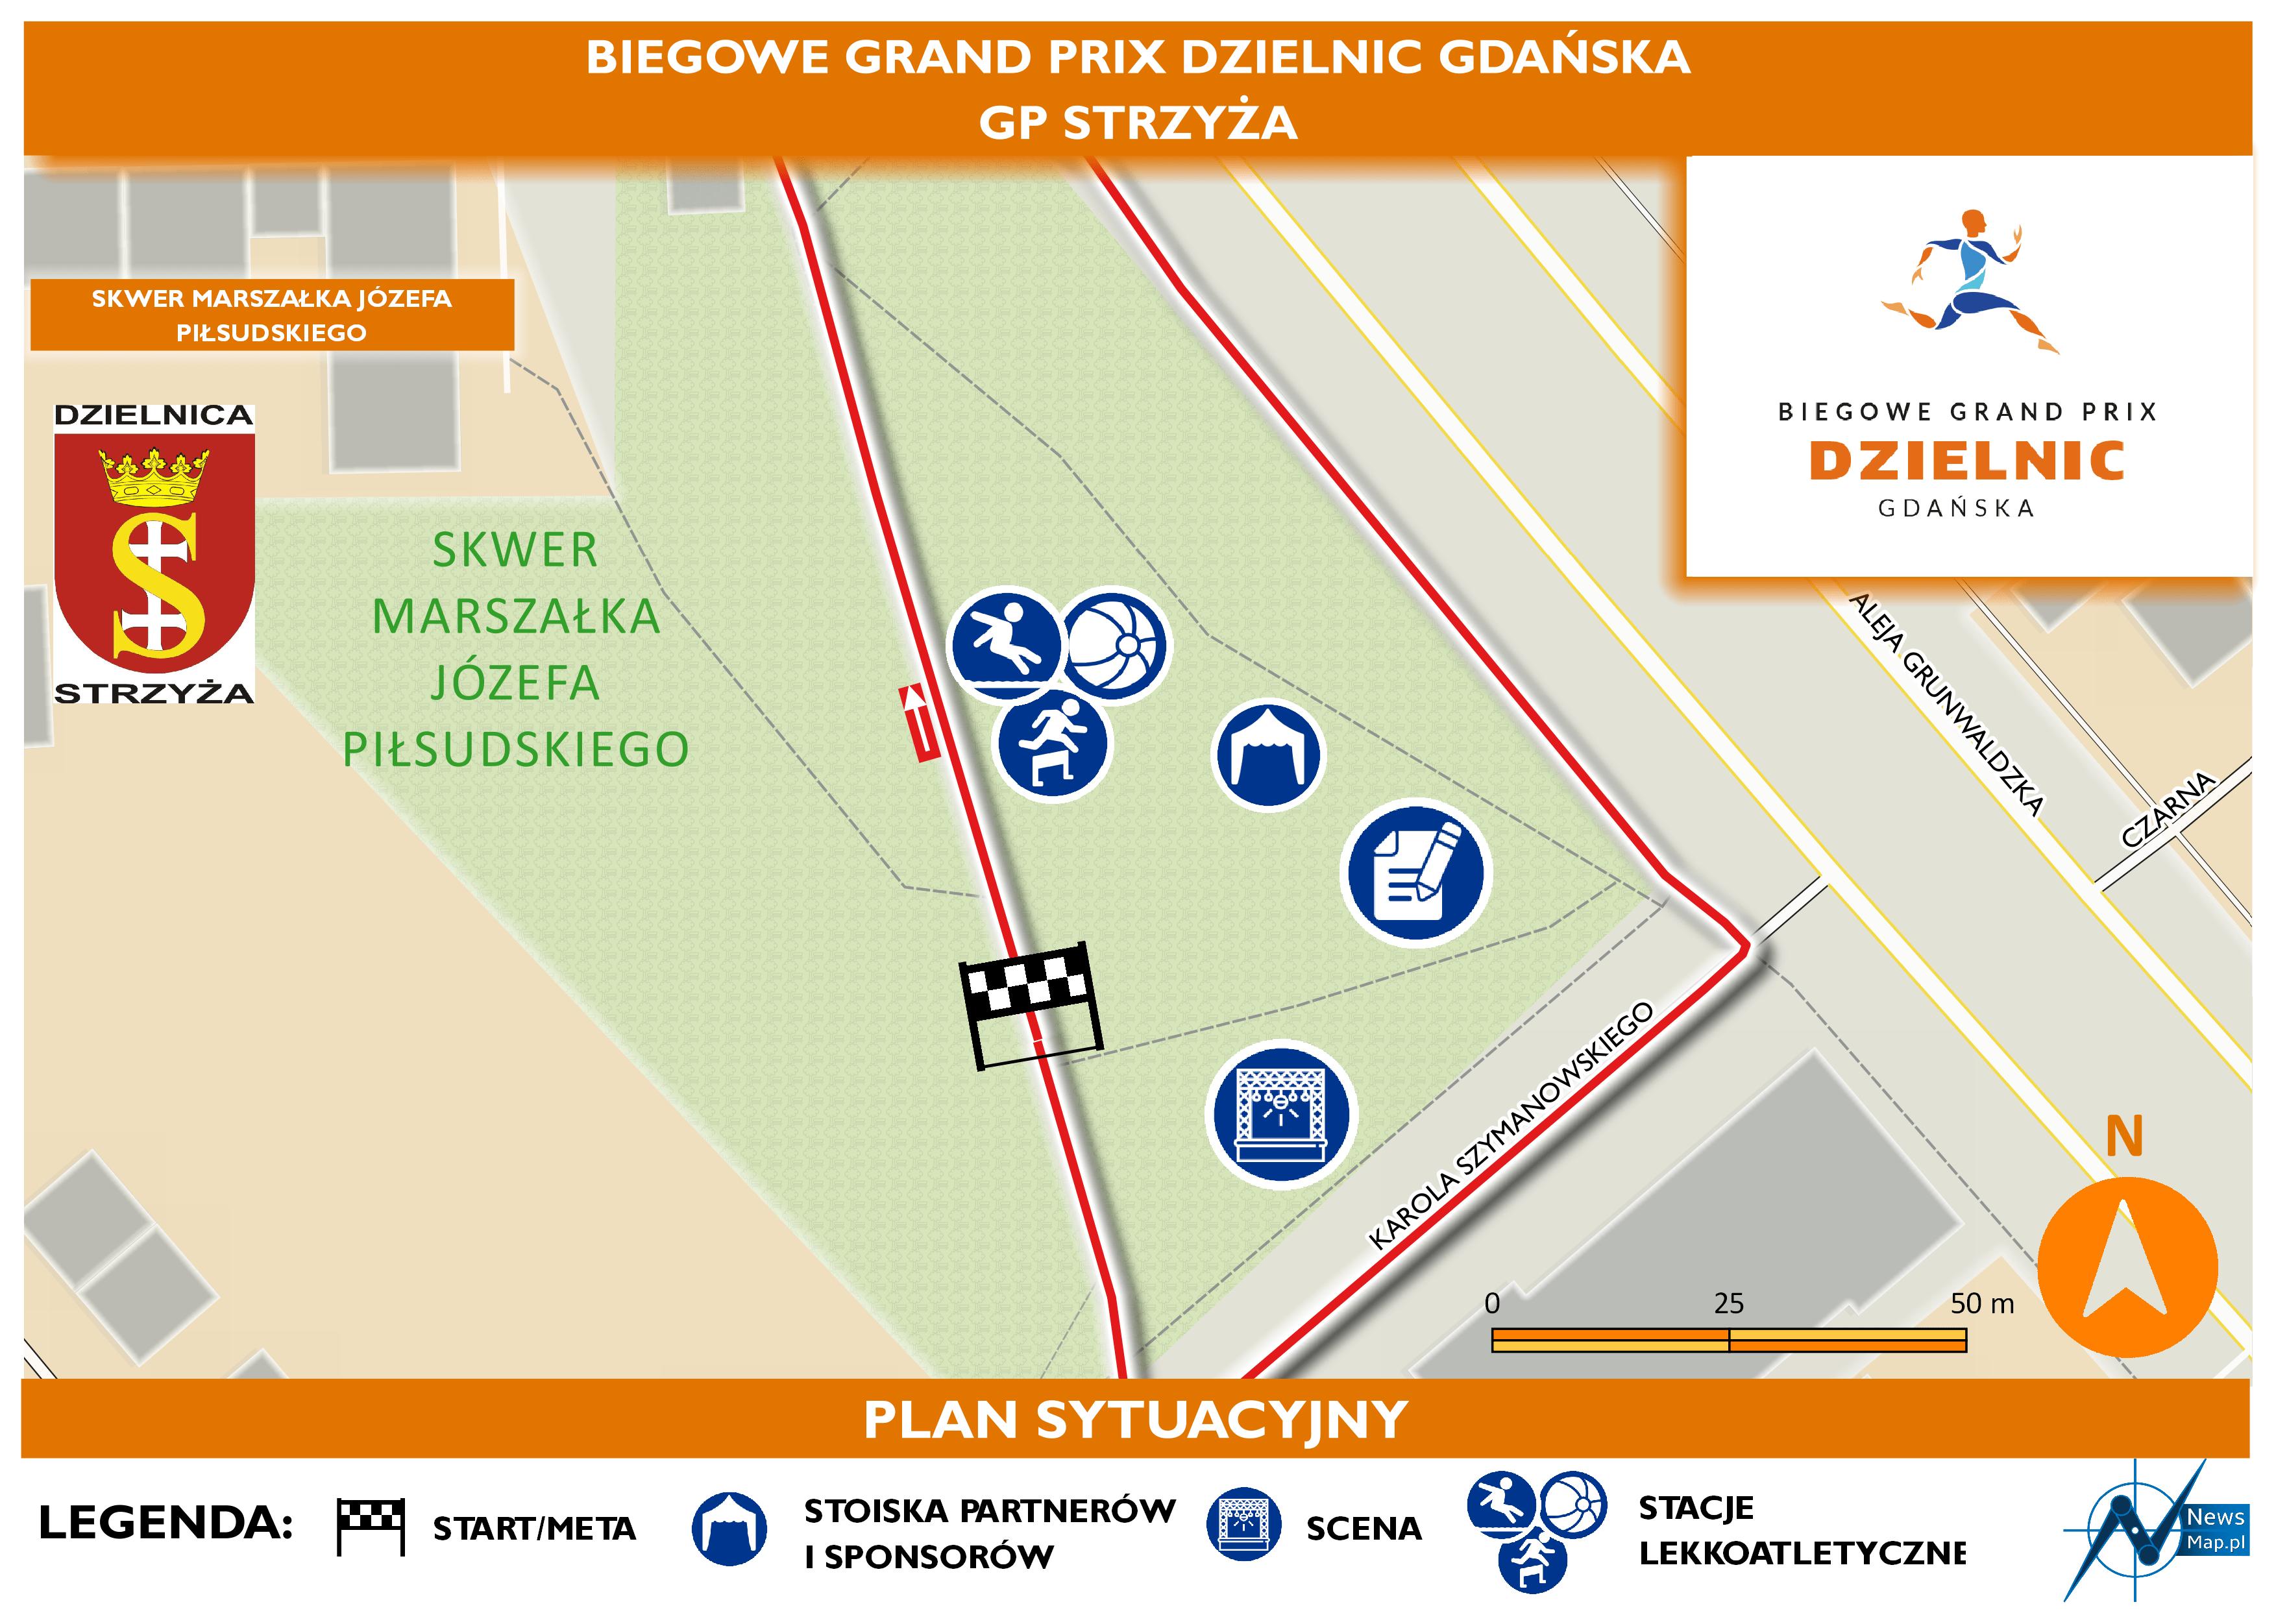 Mapa statyczna GP Strzyża - plan sytuacyjny